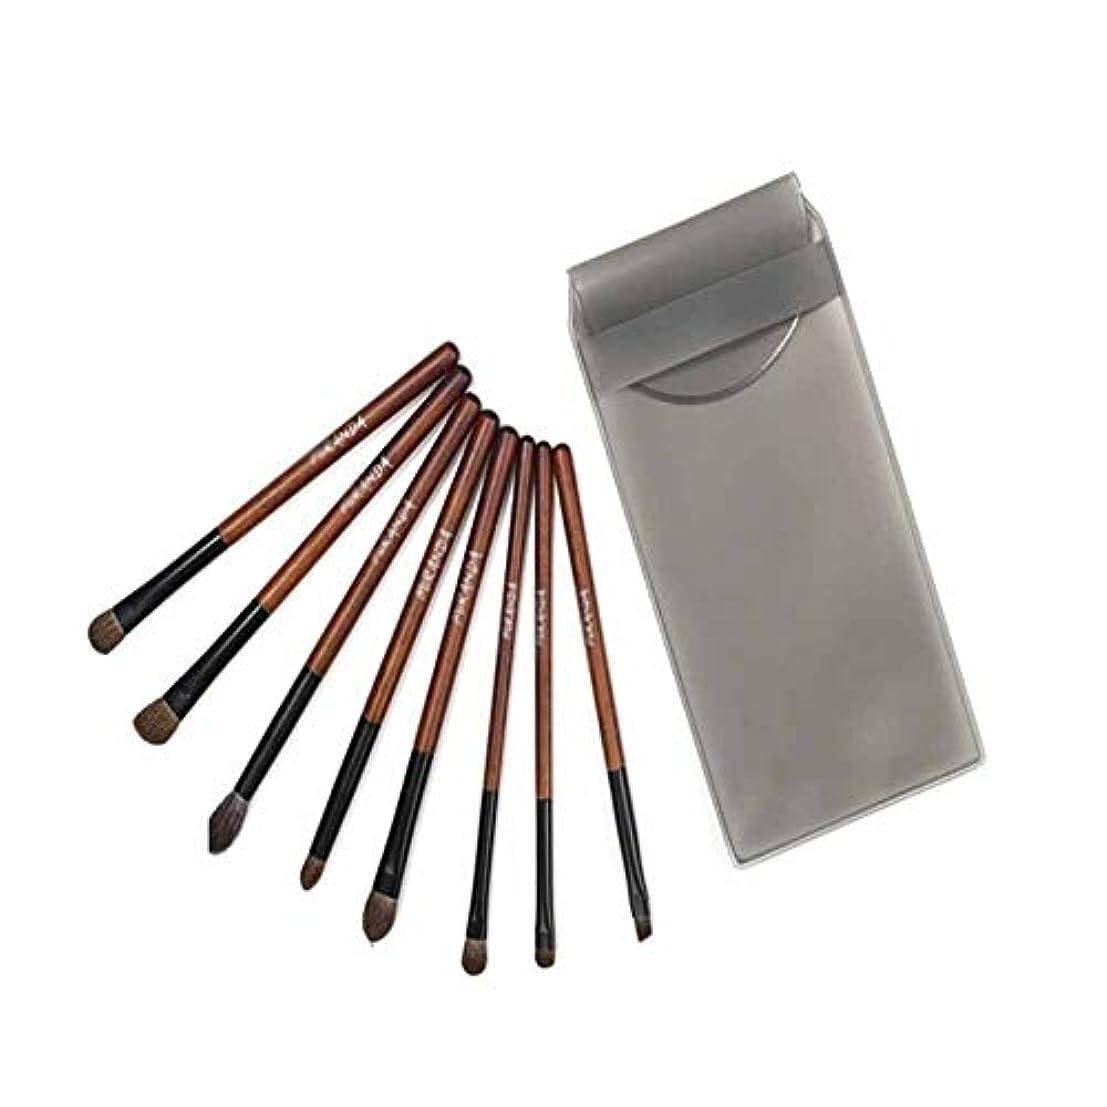 健全ドーム男XIAOCHAOSD メイクブラシ、メイクブラシセット8本のスティック、動物ブラシ快適セット、ソフト、絶妙な、美しい、ソフトで快適な (Color : Brown)